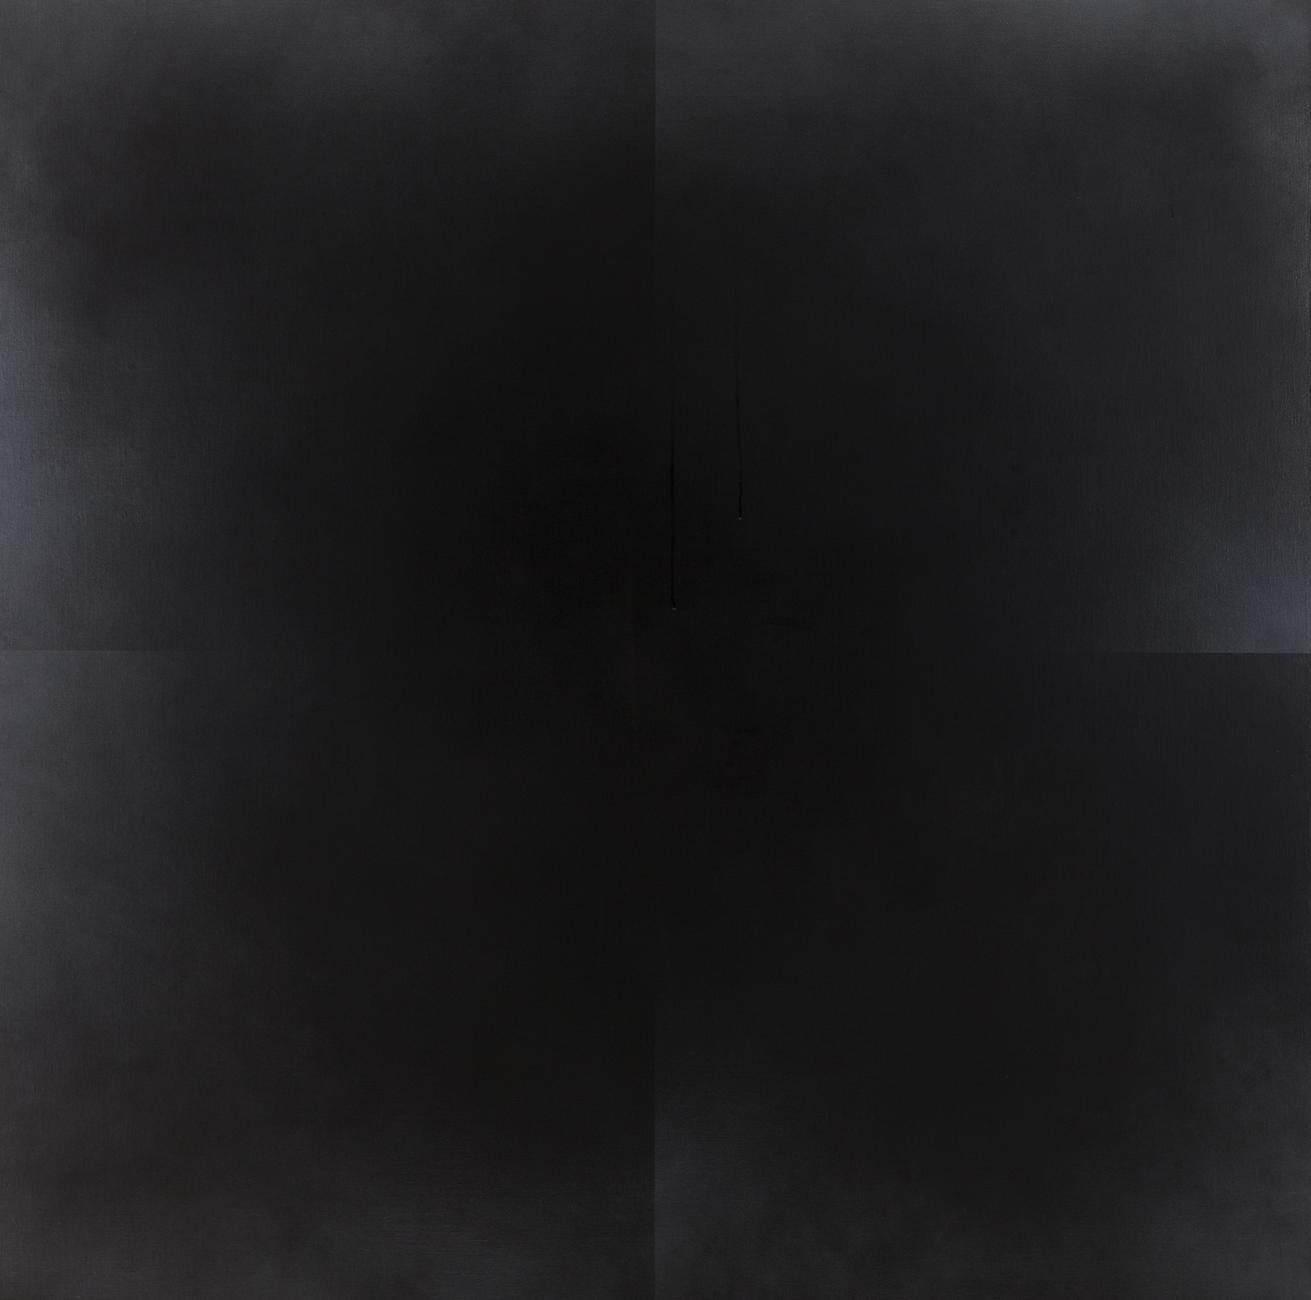 Fernando Calhau - Untitled-1998